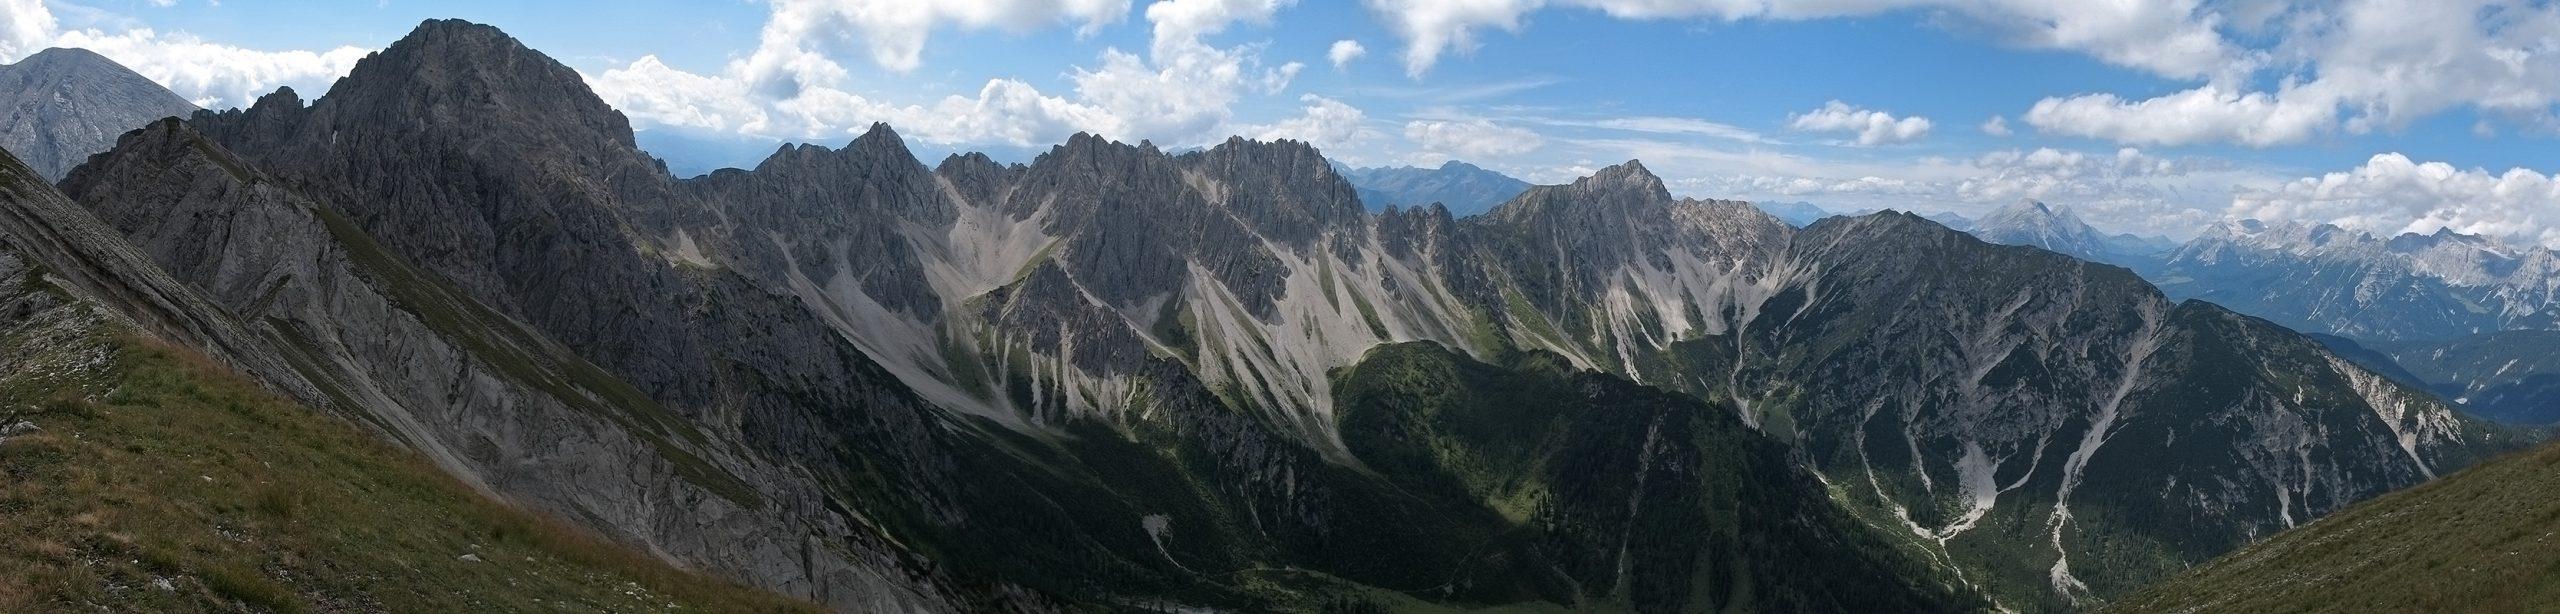 Klettersteig-Check: Der Seefelder Panorama-Klettersteig